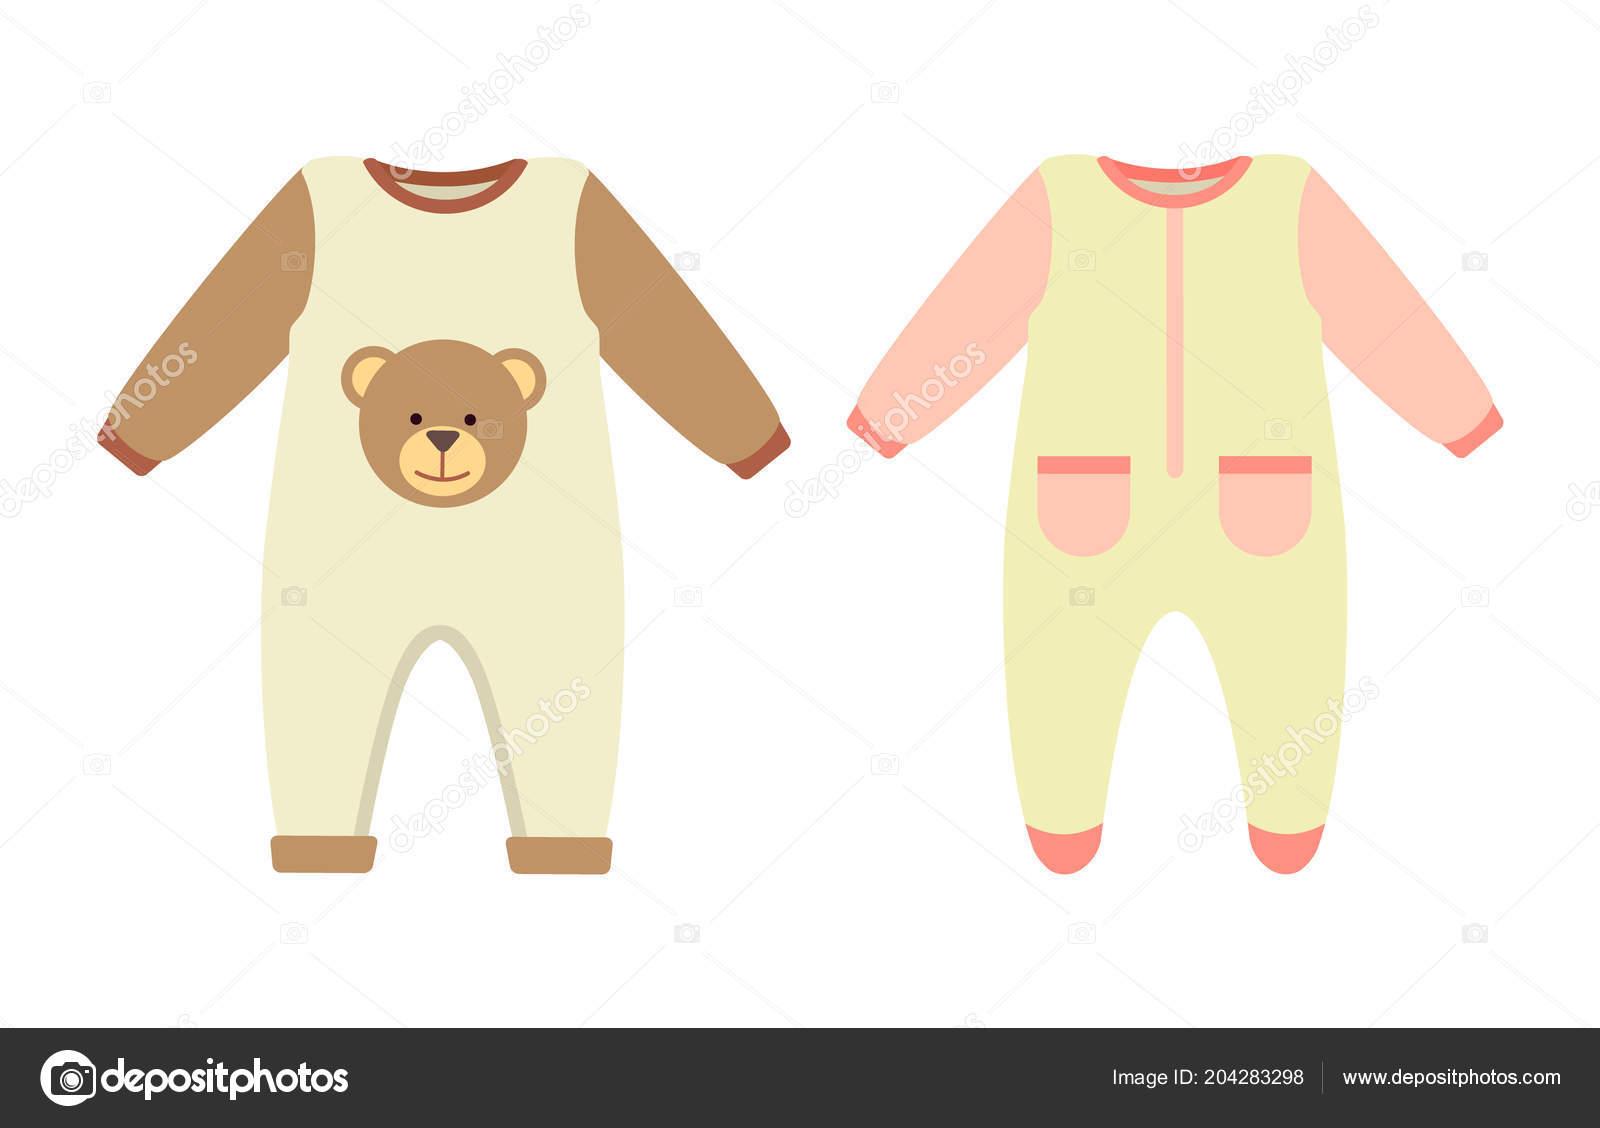 870d956d22c115 Baby kleding rompertjes ingesteld, verzameling van stretchie met print van  teddybeer en zakken, kind kleding met lange mouwen geïsoleerd op ...